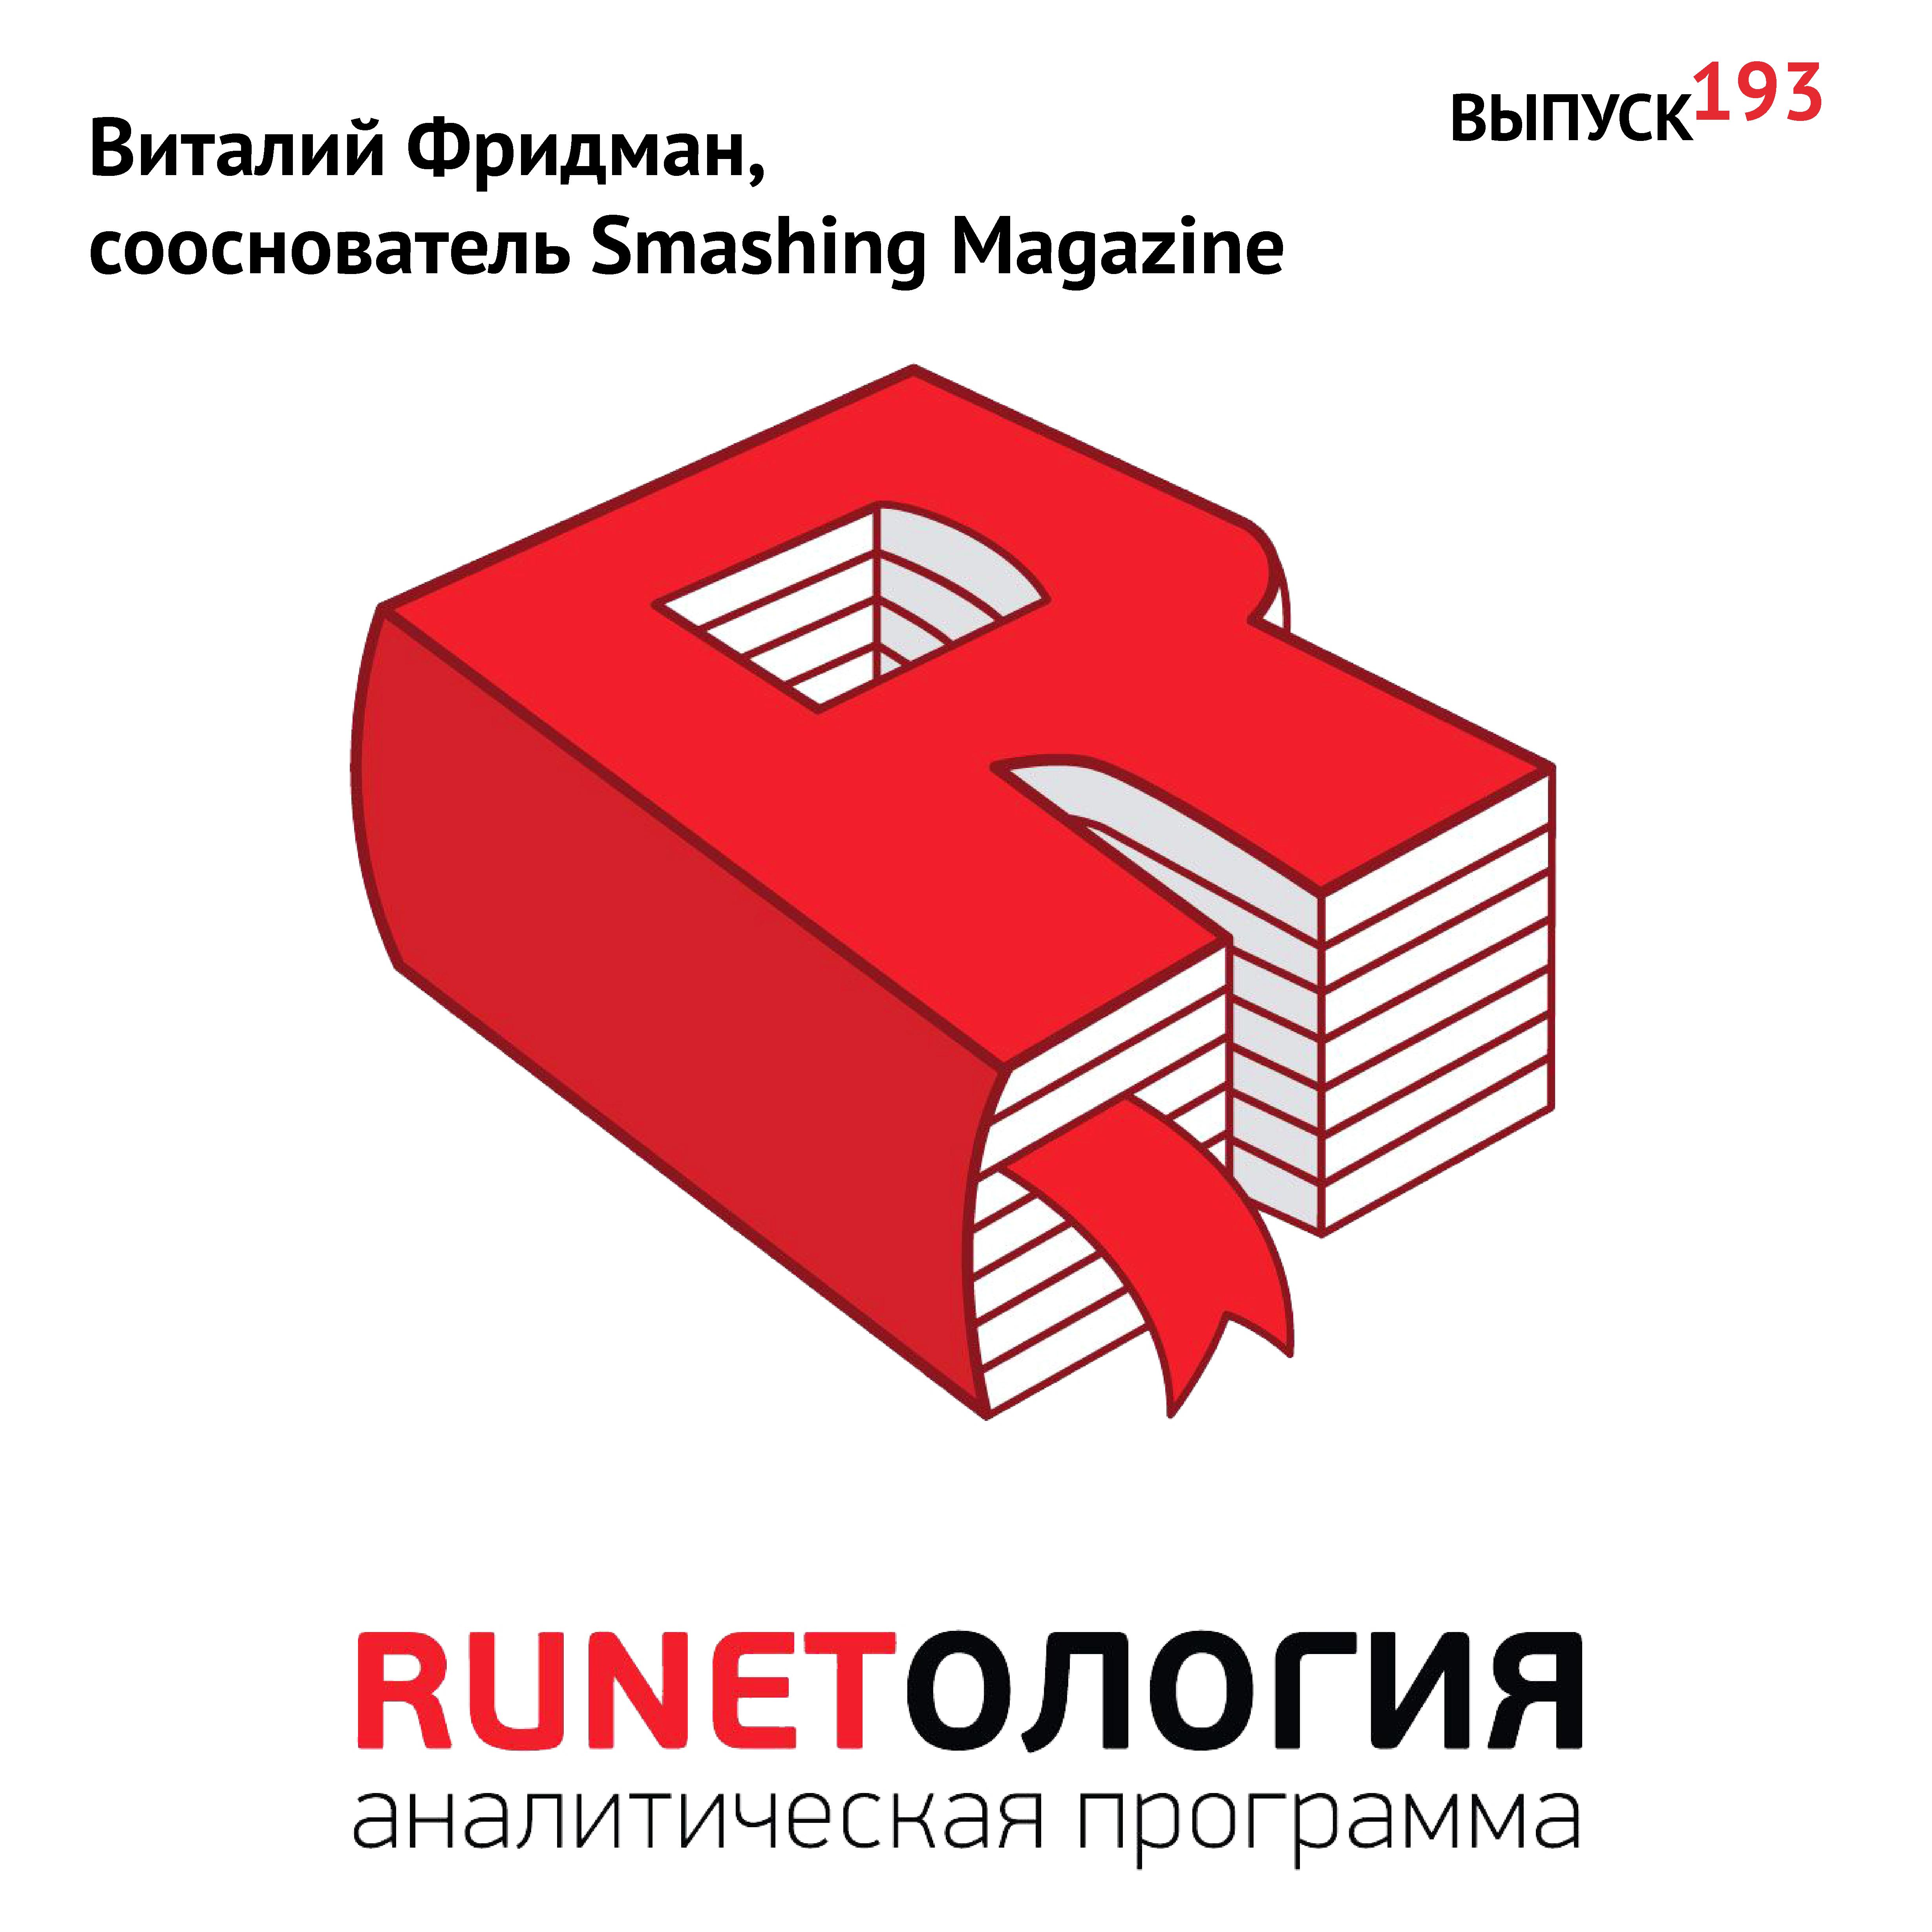 Максим Спиридонов Виталий Фридман, сооснователь Smashing Magazine